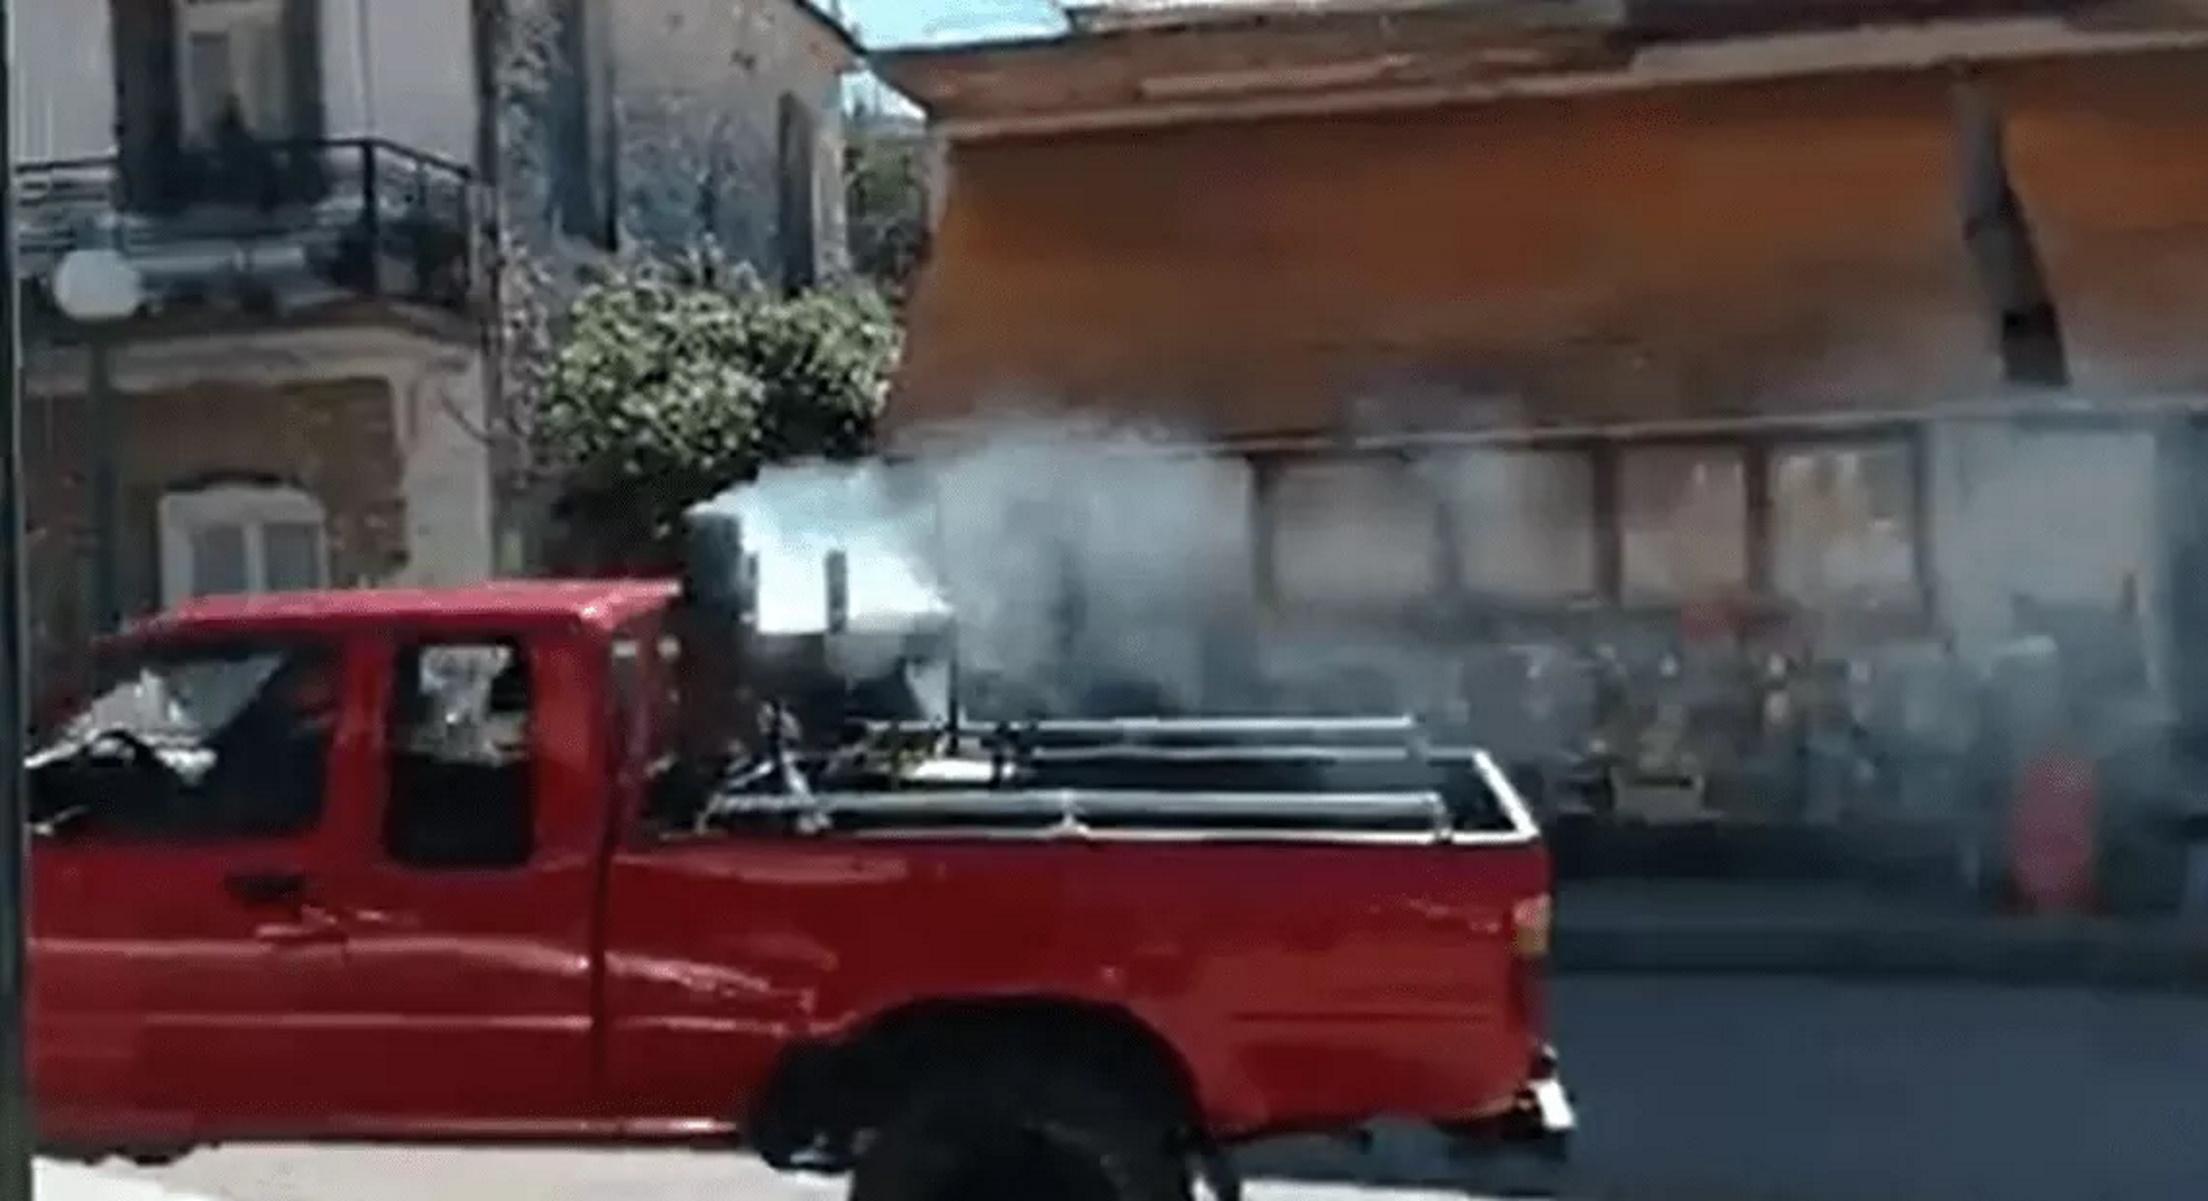 Τσικνοπέμπτη: «Αθάνατο» Αγρίνιο έκανε το «θαύμα» του ξανά – Απίστευτες εικόνες στην Παραβόλα (video)